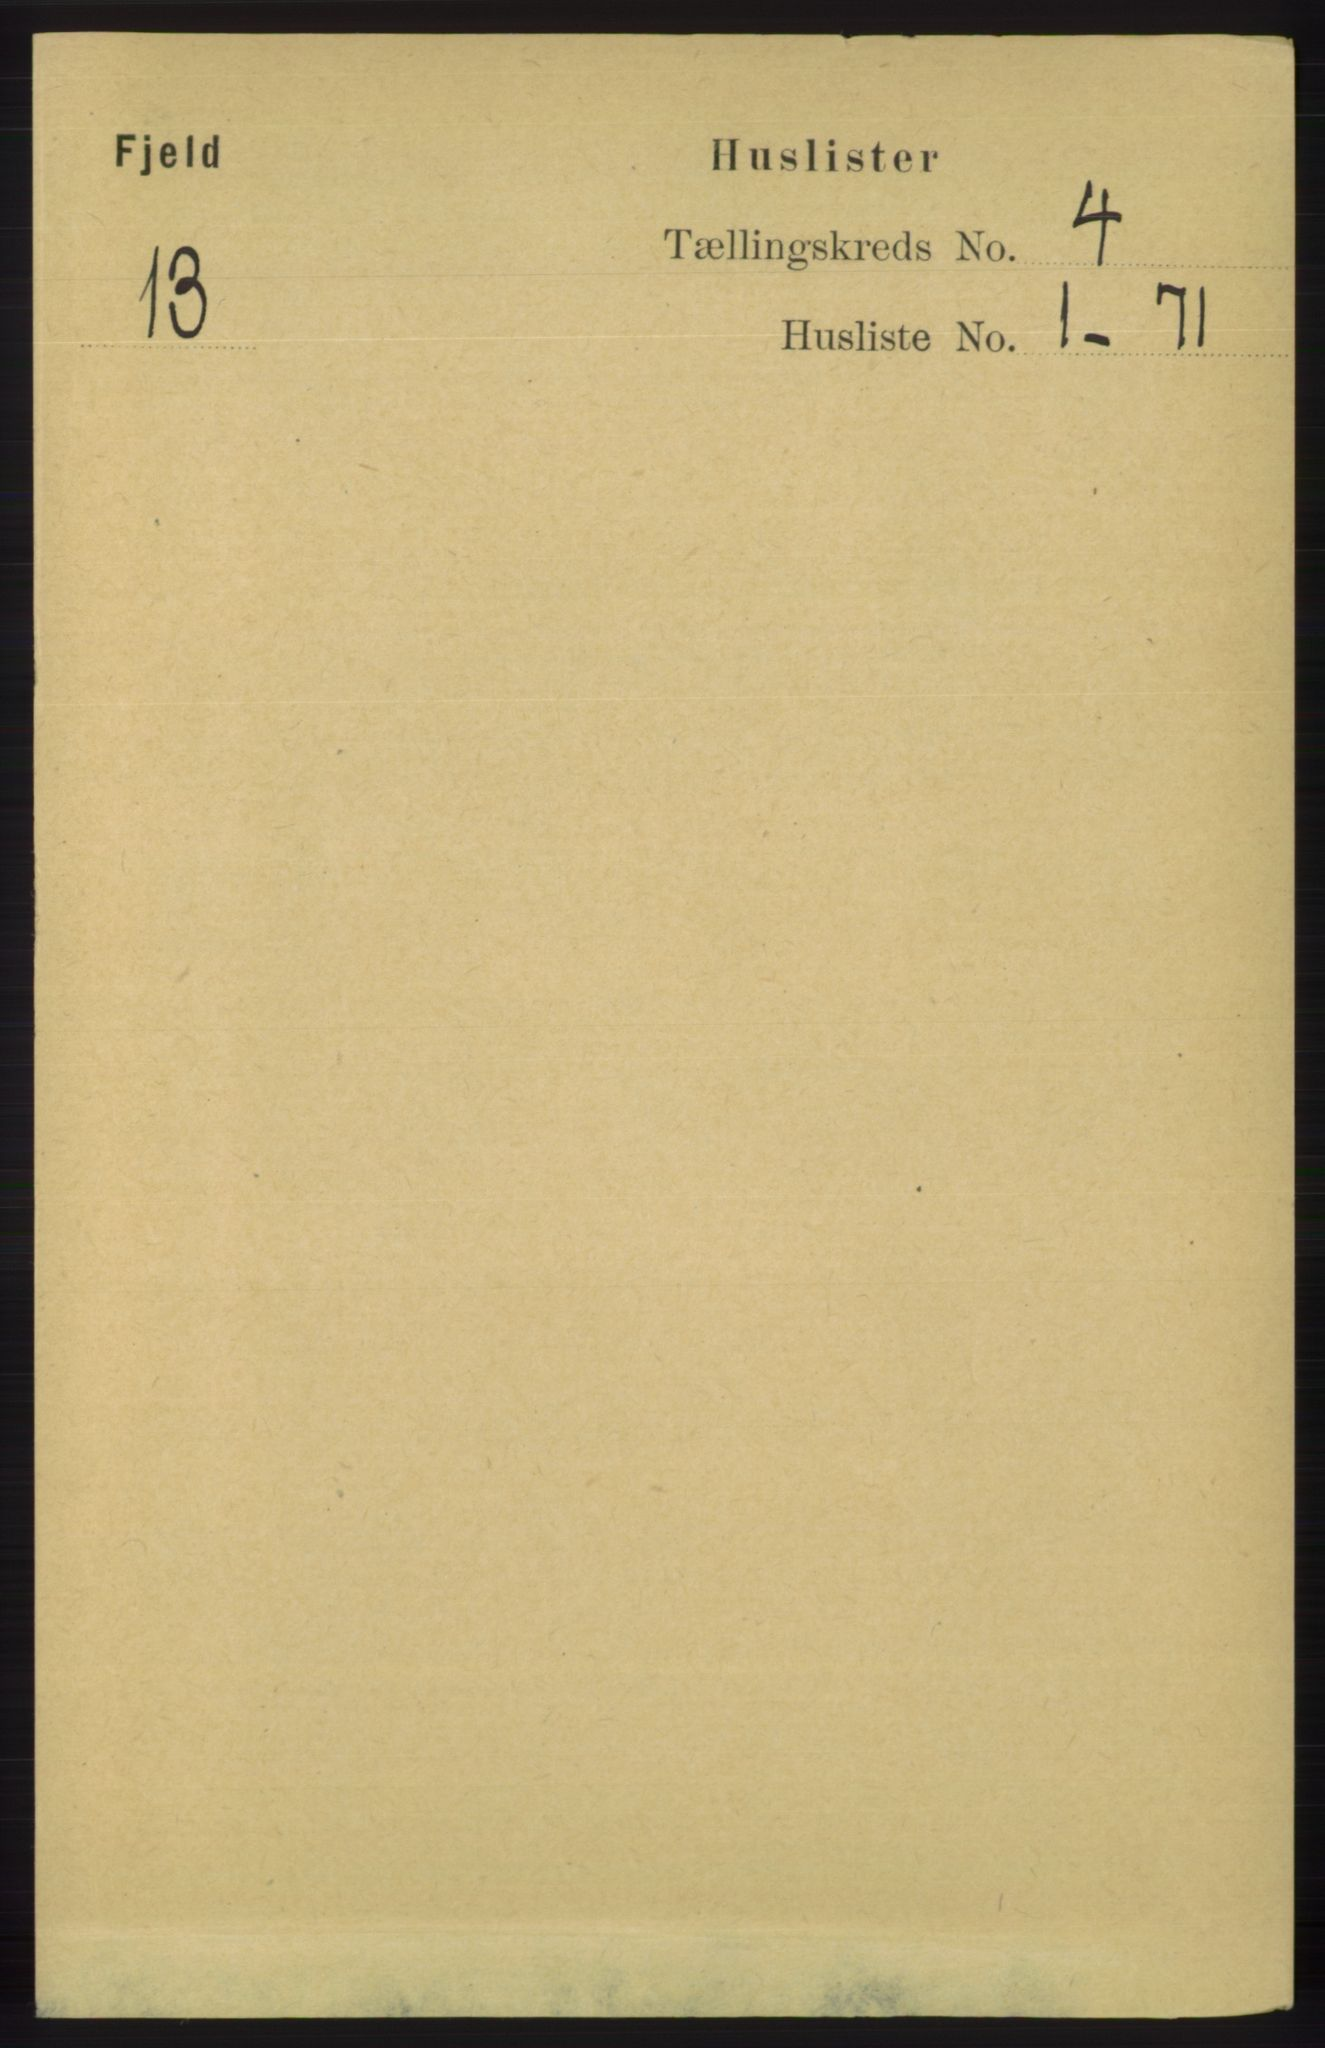 RA, Folketelling 1891 for 1246 Fjell herred, 1891, s. 1953